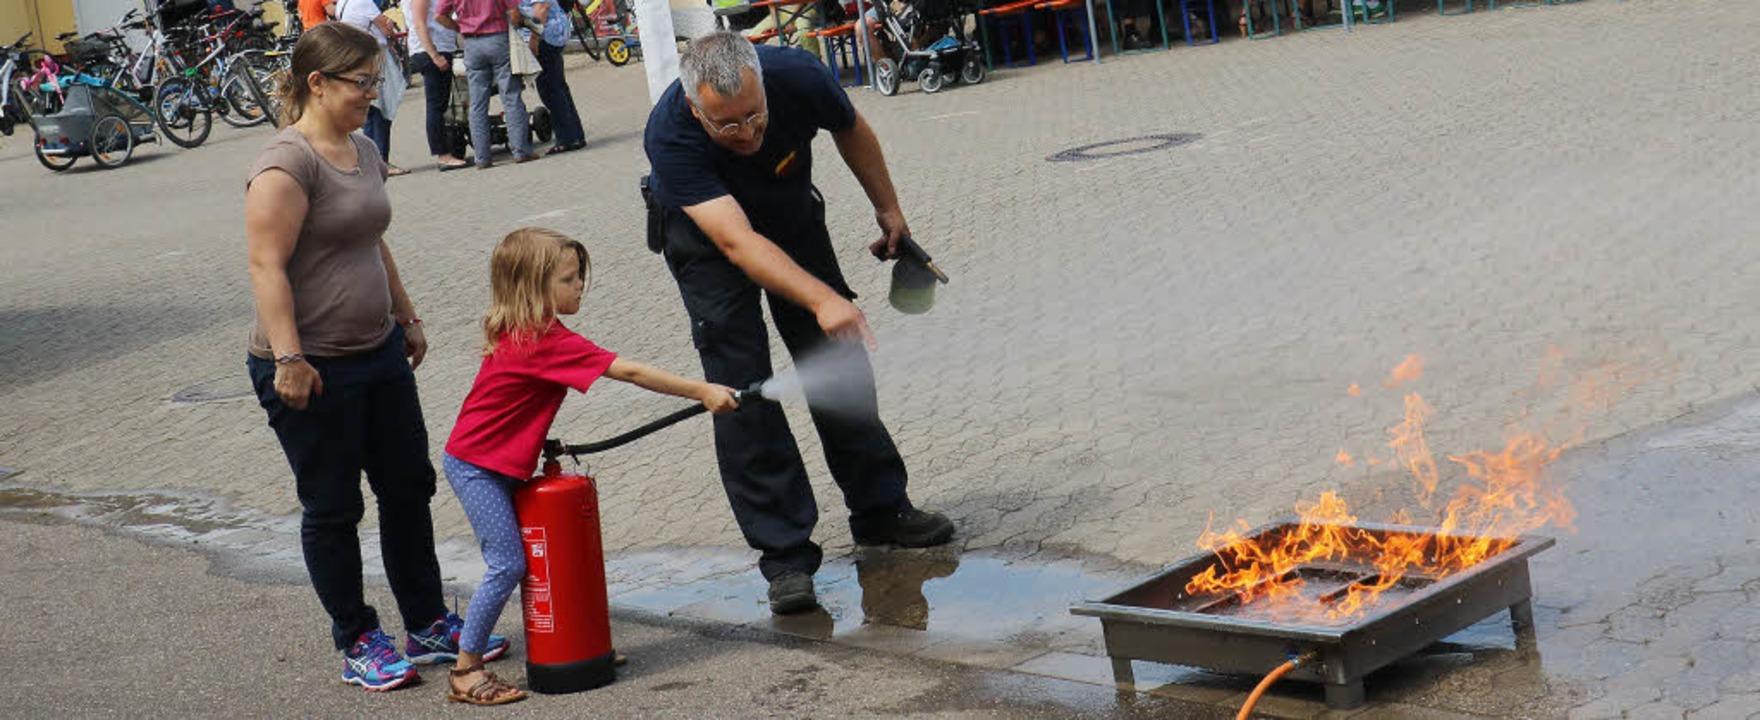 Für die Gäste gab es beim Eichstetter ...h selbst beim Feuerlöschen versuchen.   | Foto: Christa Rinklin